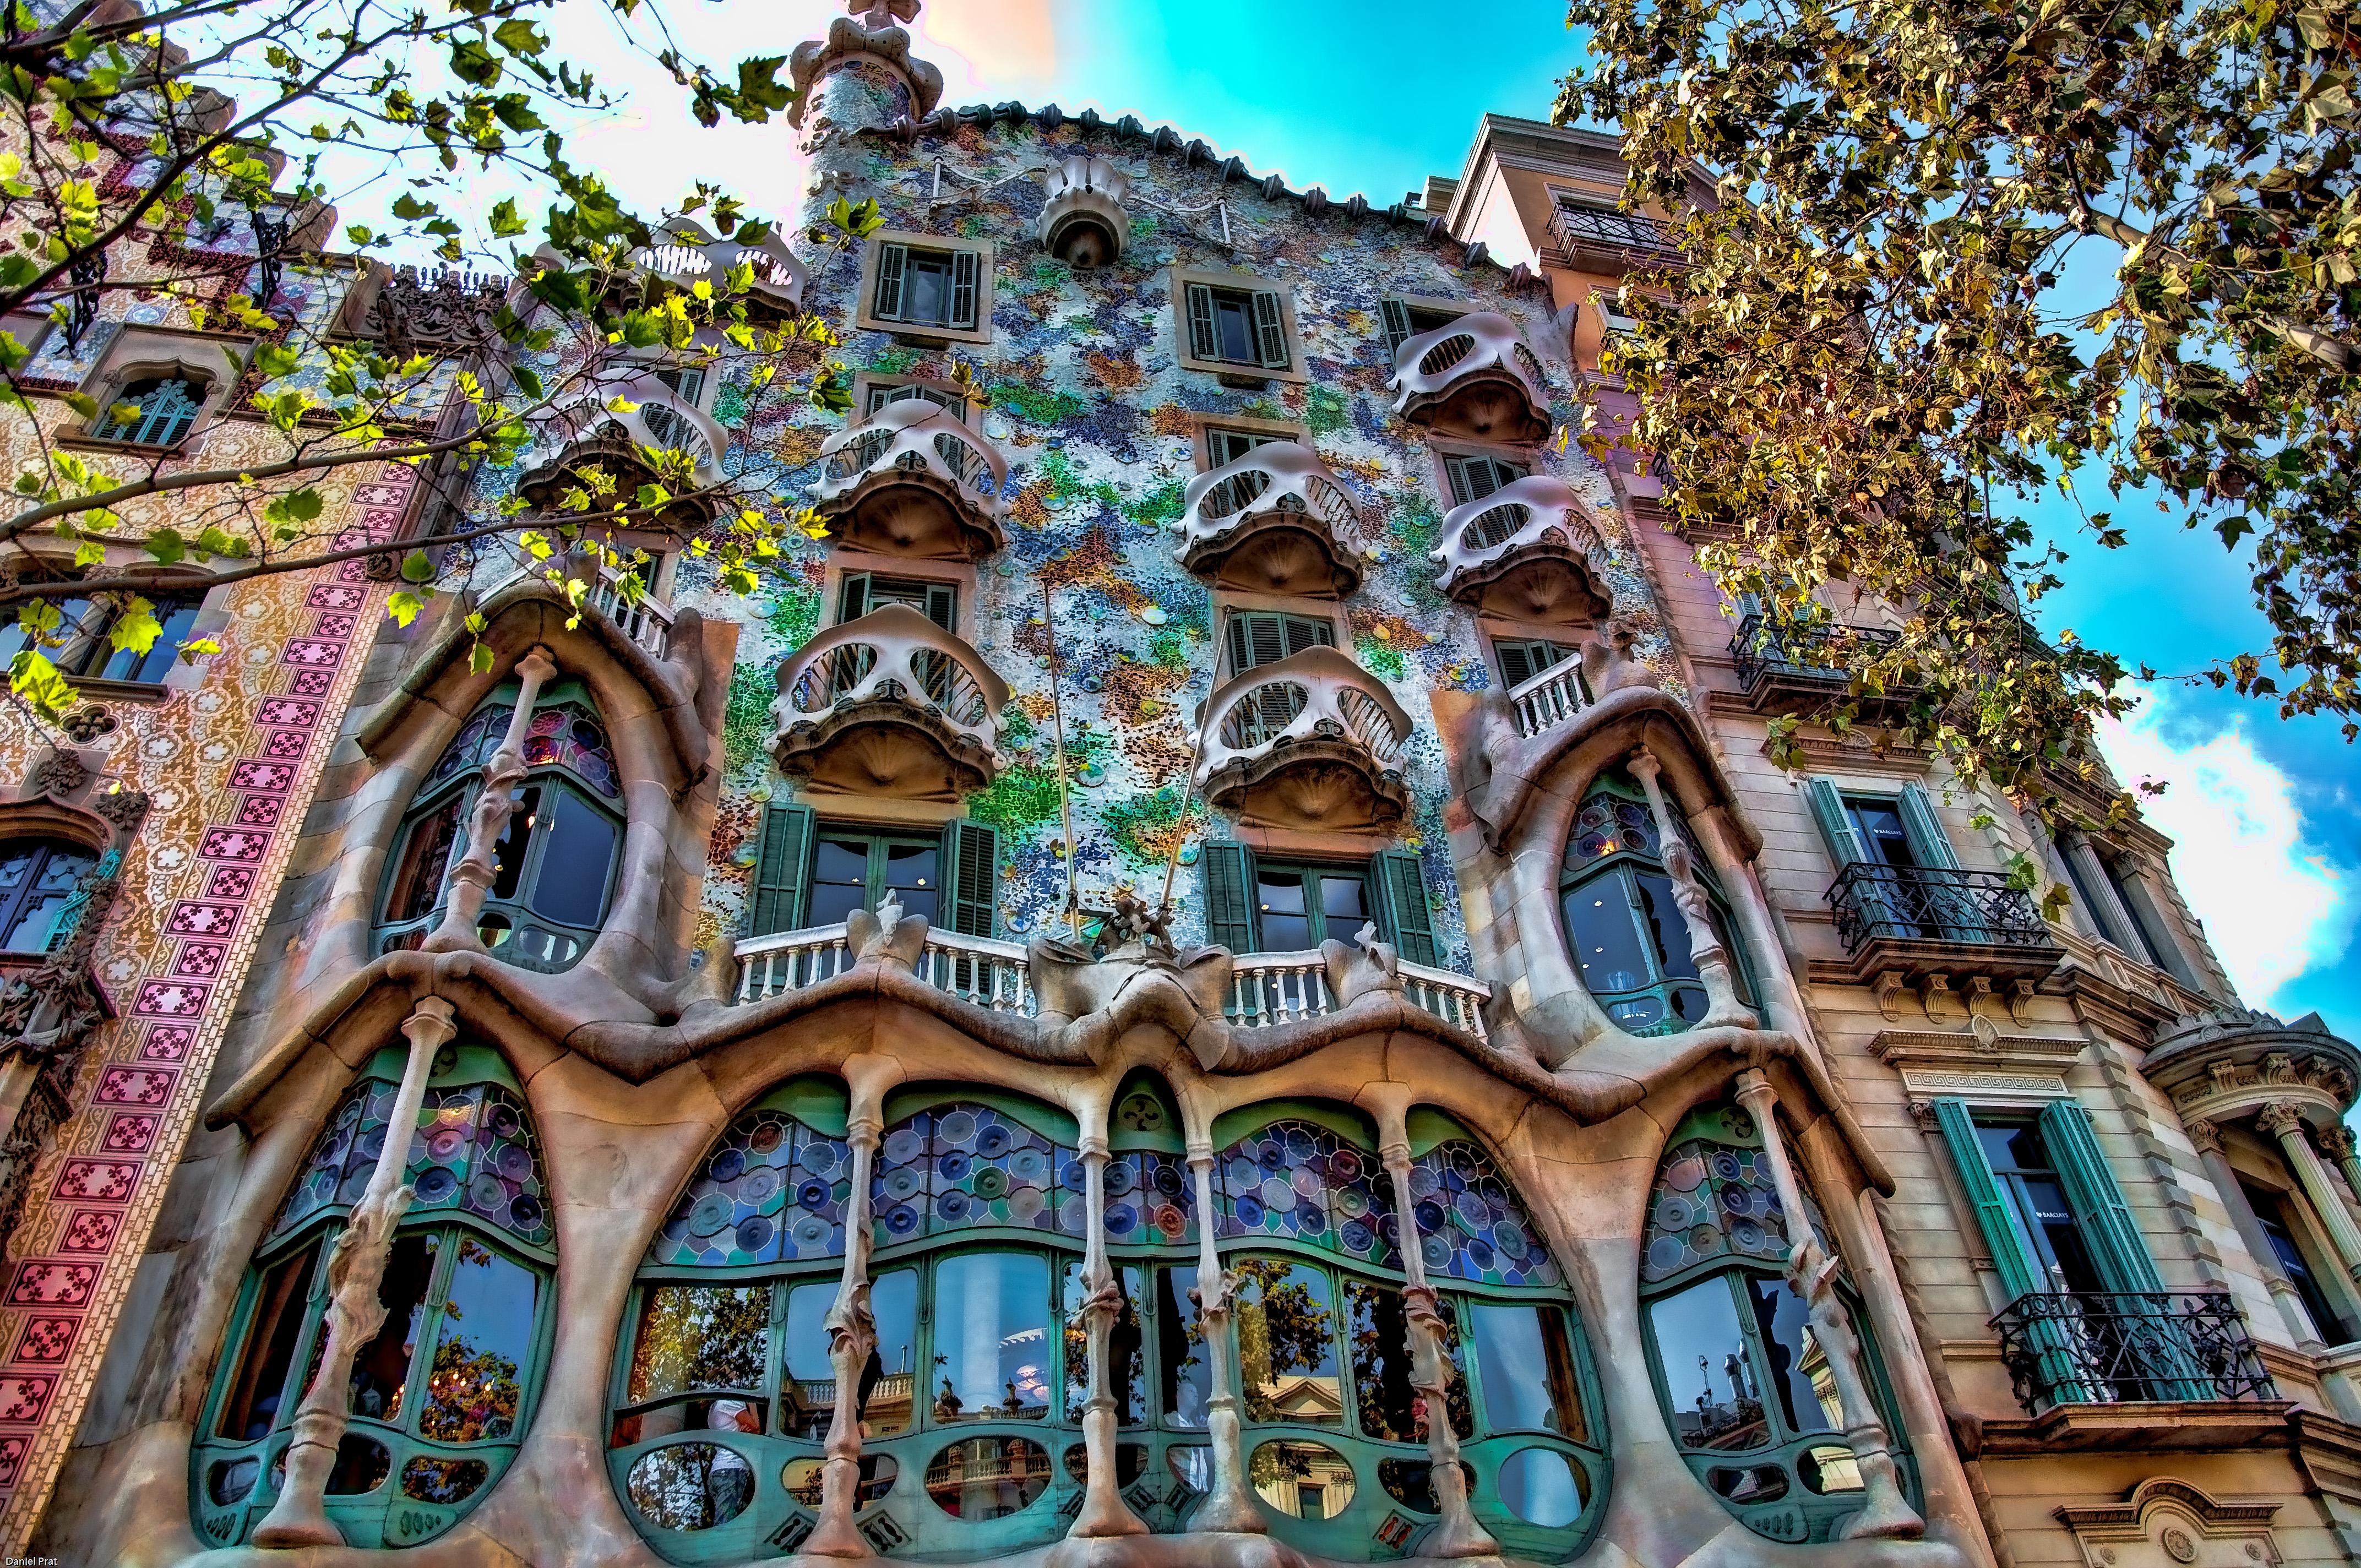 Barcellona antoni gaud e il riciclo creativo di casa - Dipingere la facciata di casa ...